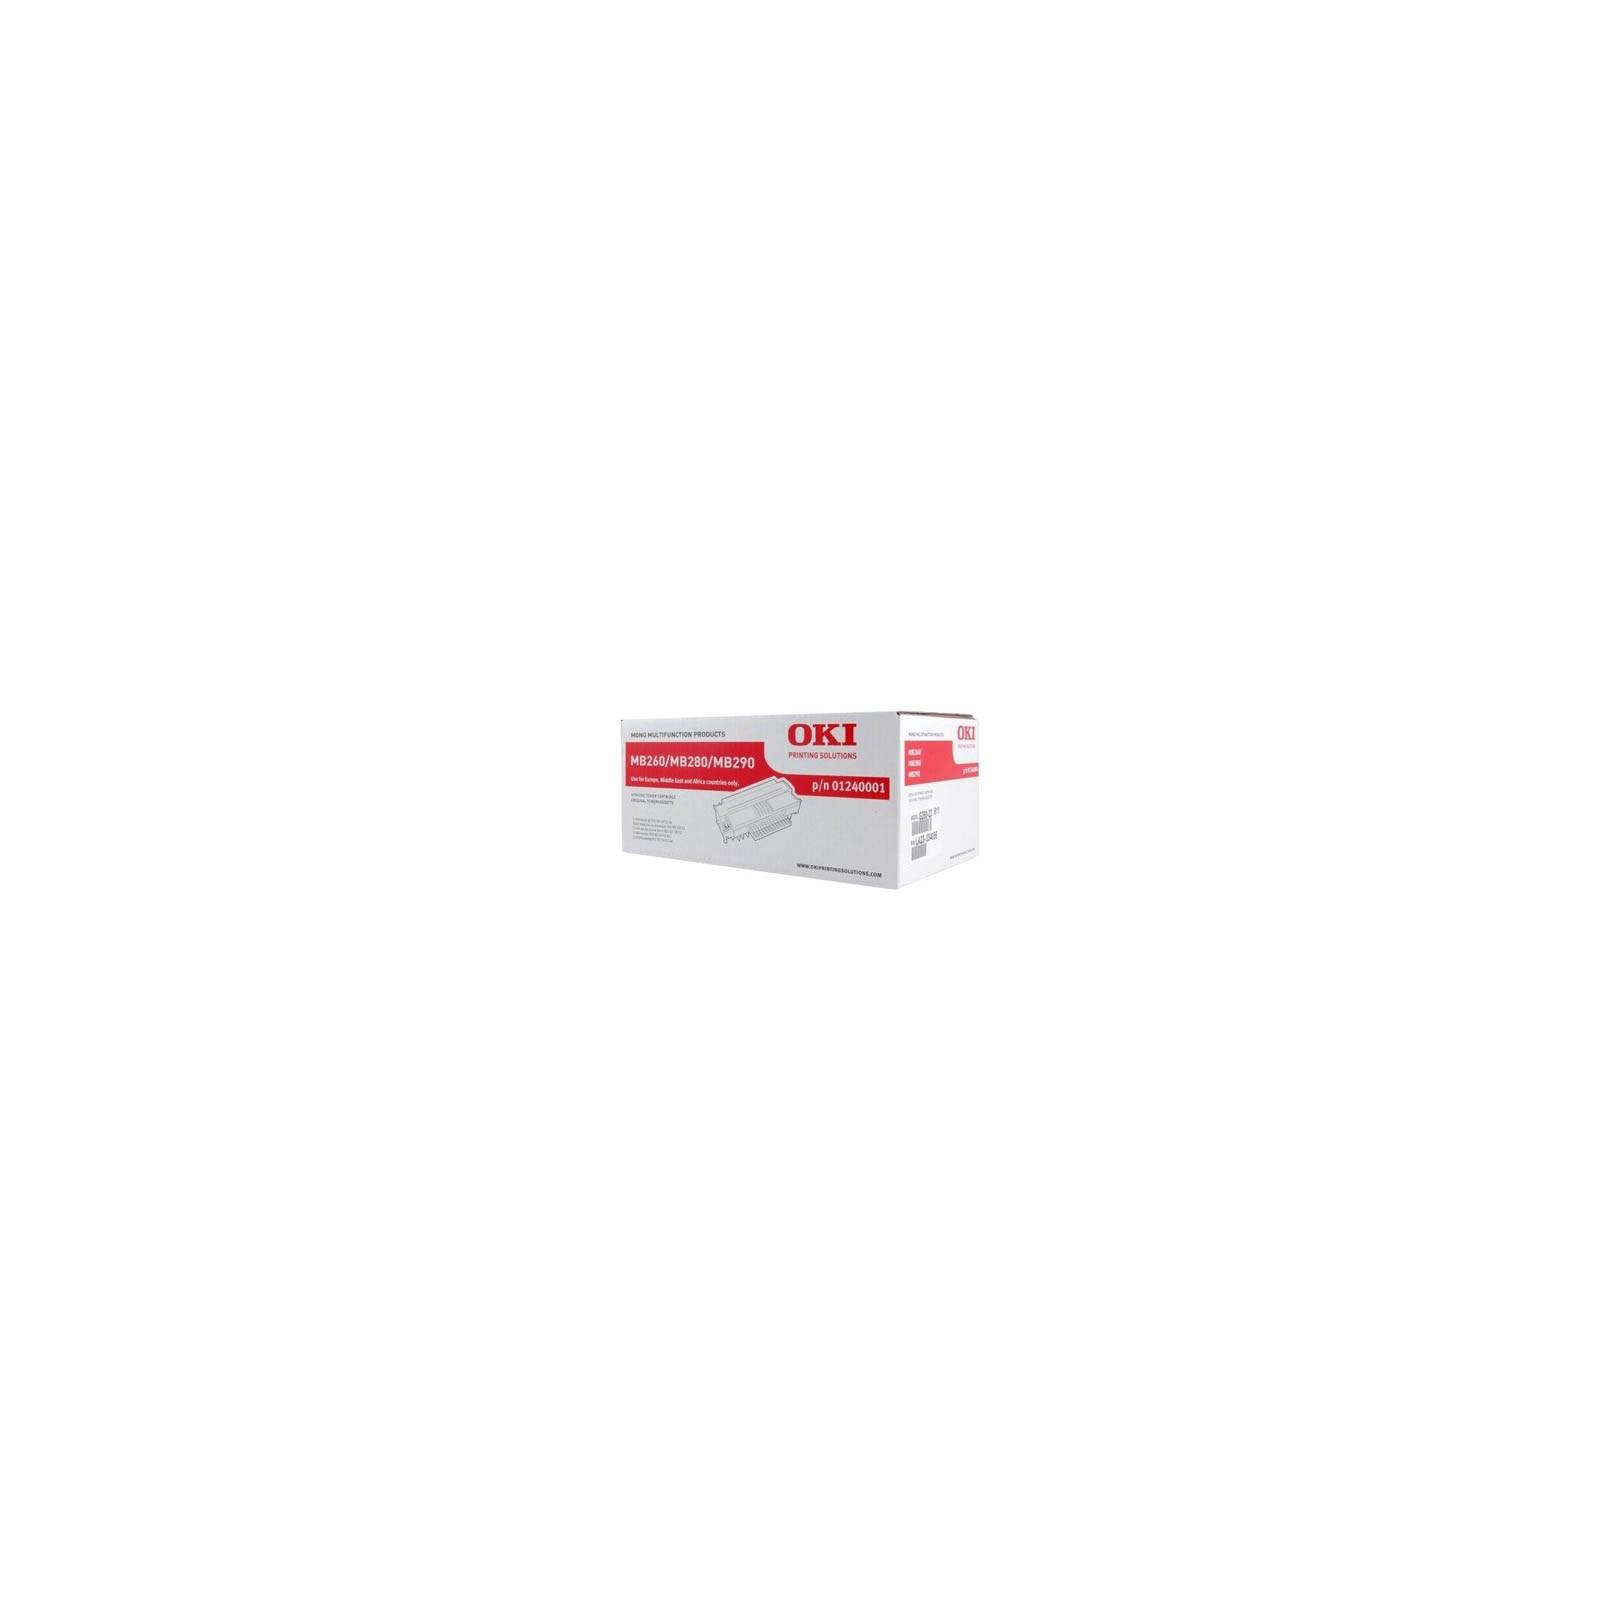 Картридж OKI MB260/MB280/MB290 MFP (1240001)